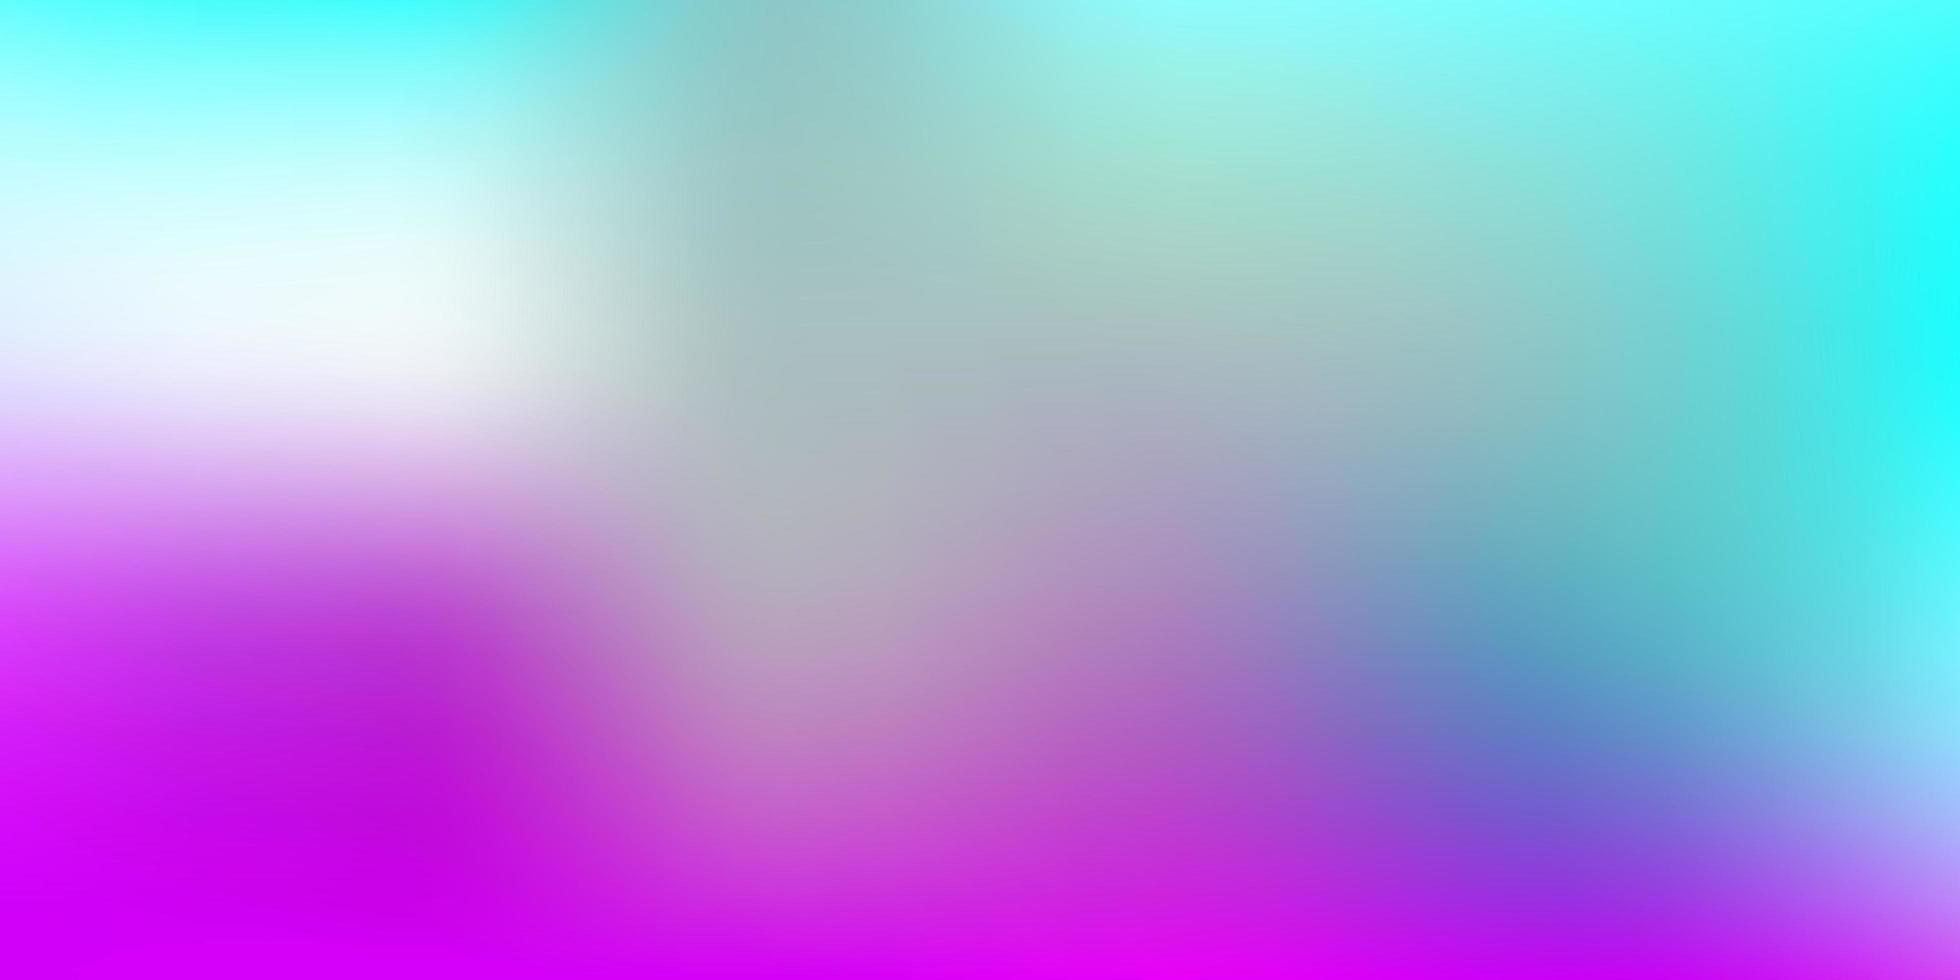 layout de borrão gradiente de vetor rosa claro e azul.